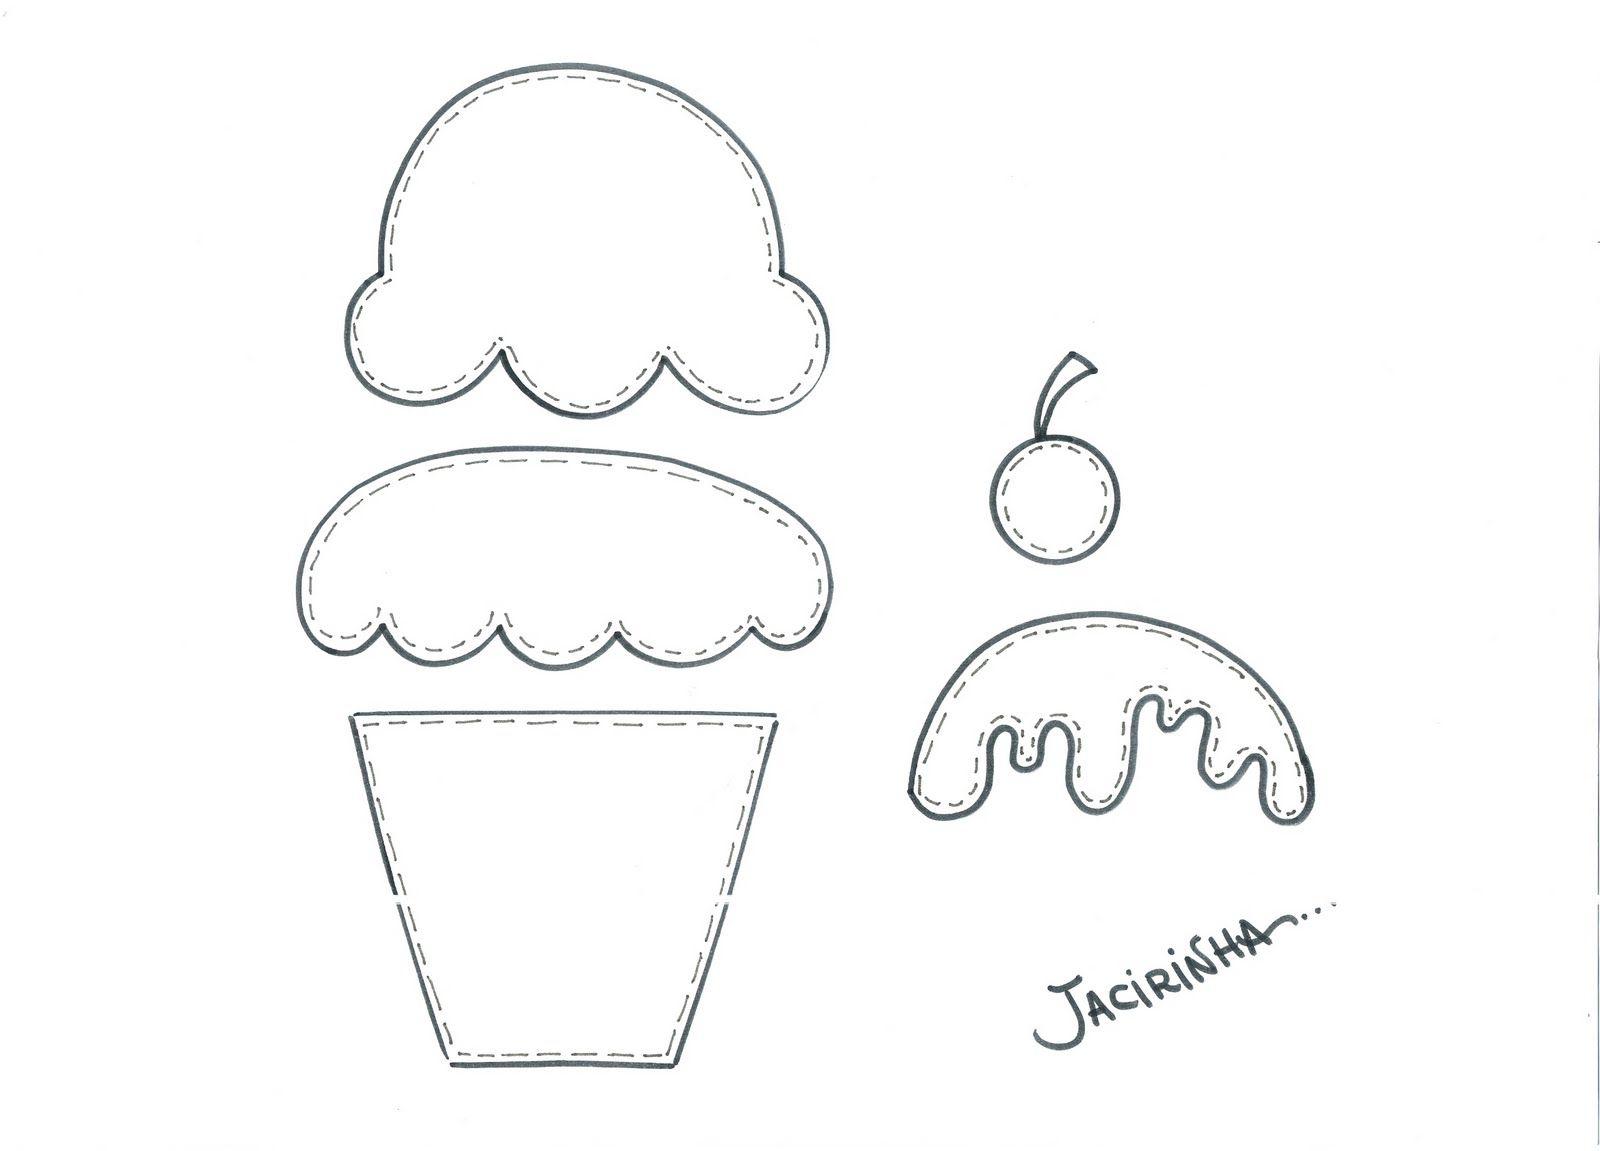 Oficina de Criatividade: Molde presente/Cupcakes | MOLDES FELTRO ...